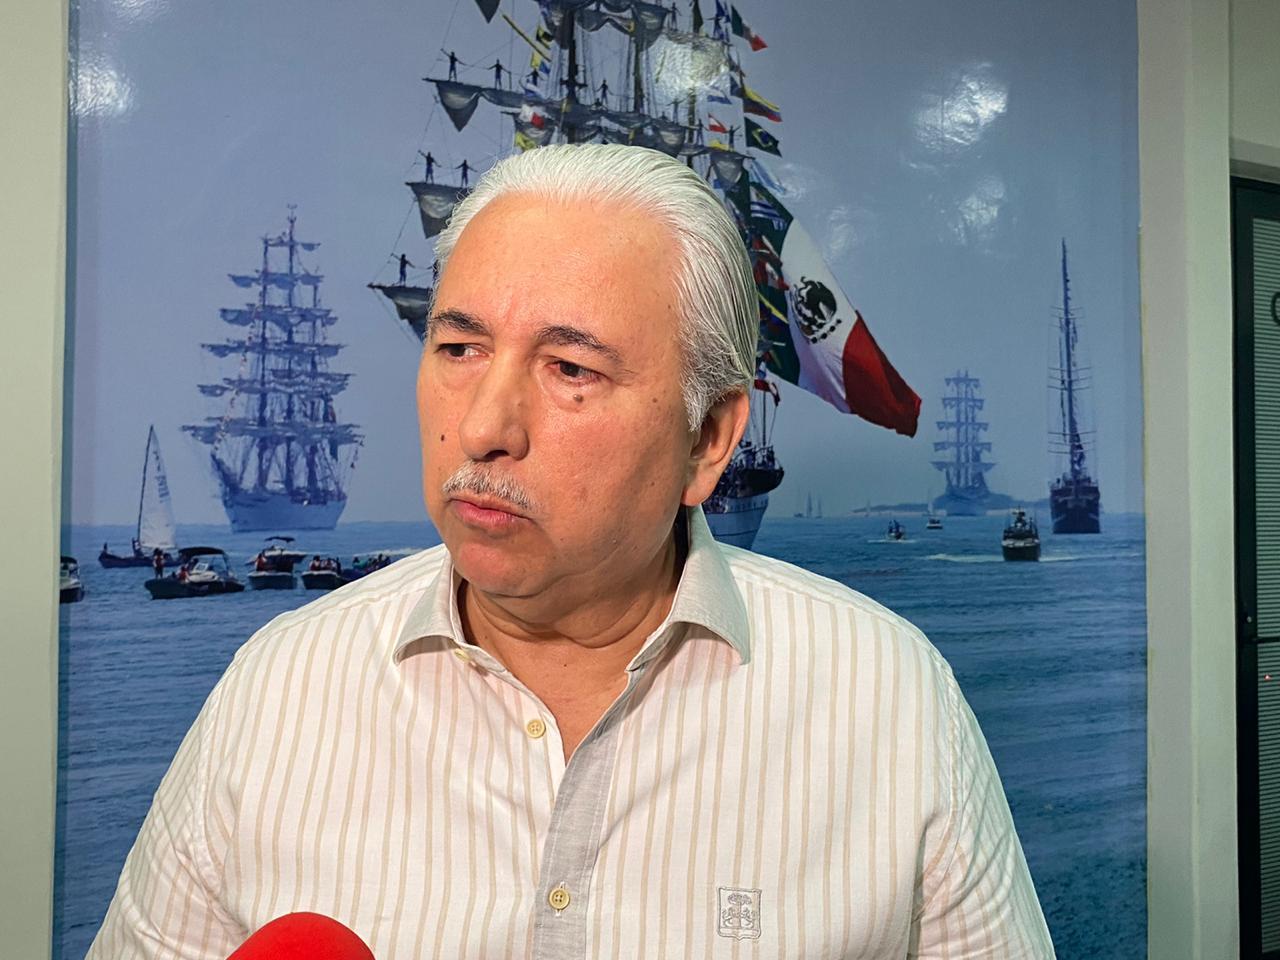 El nuevo acuerdo de CENACE golpea inversiones: Urreta Ortega